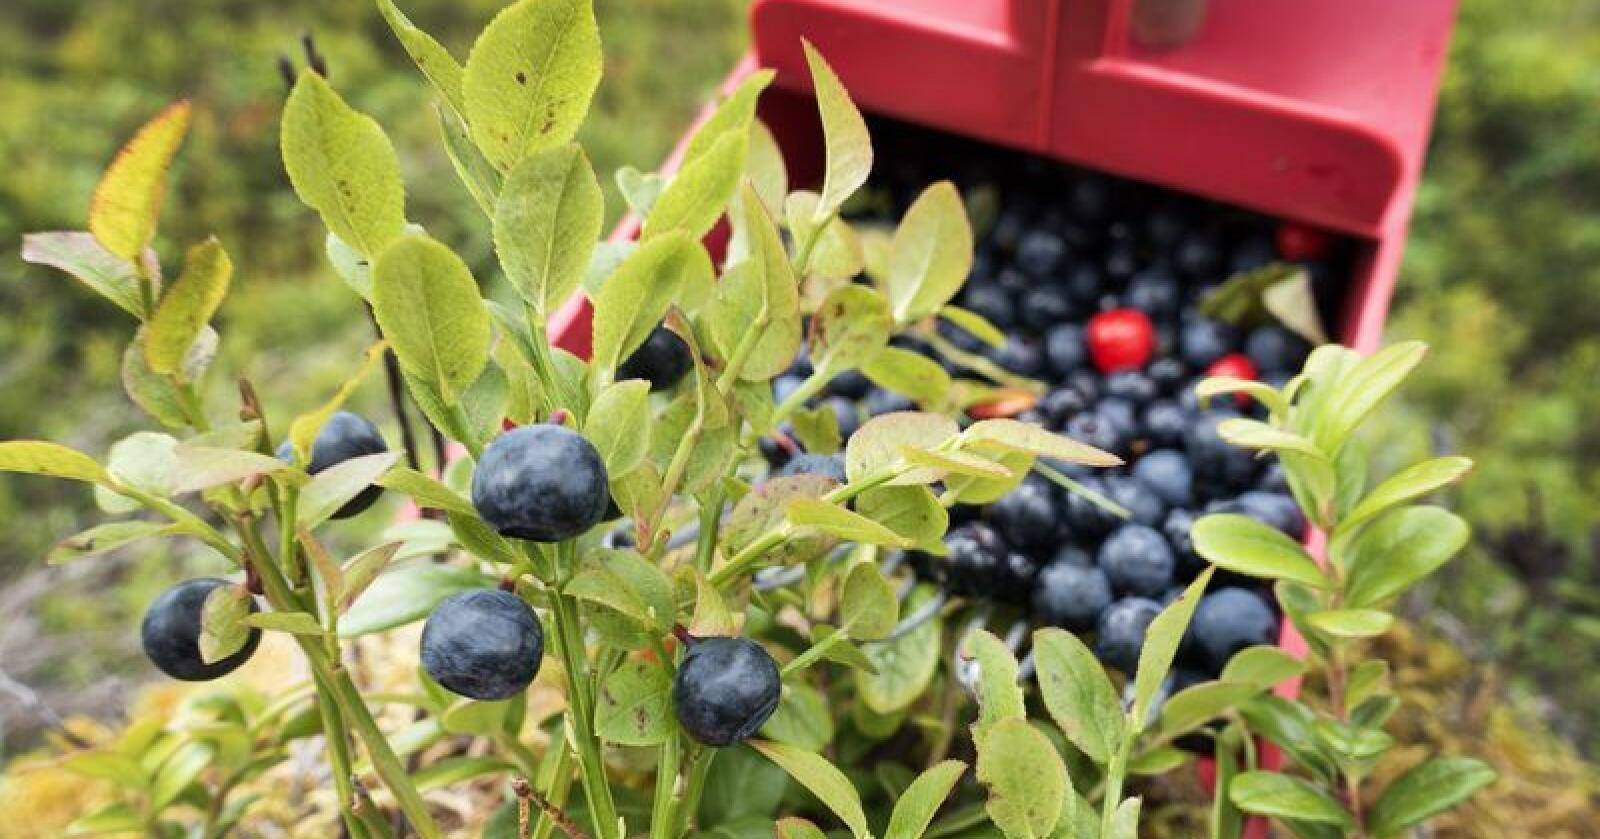 I år er det 90 prosent færre blåbær i Norge enn i toppåret 2017. Foto: Gorm Kallestad / NTB scanpix / NPK